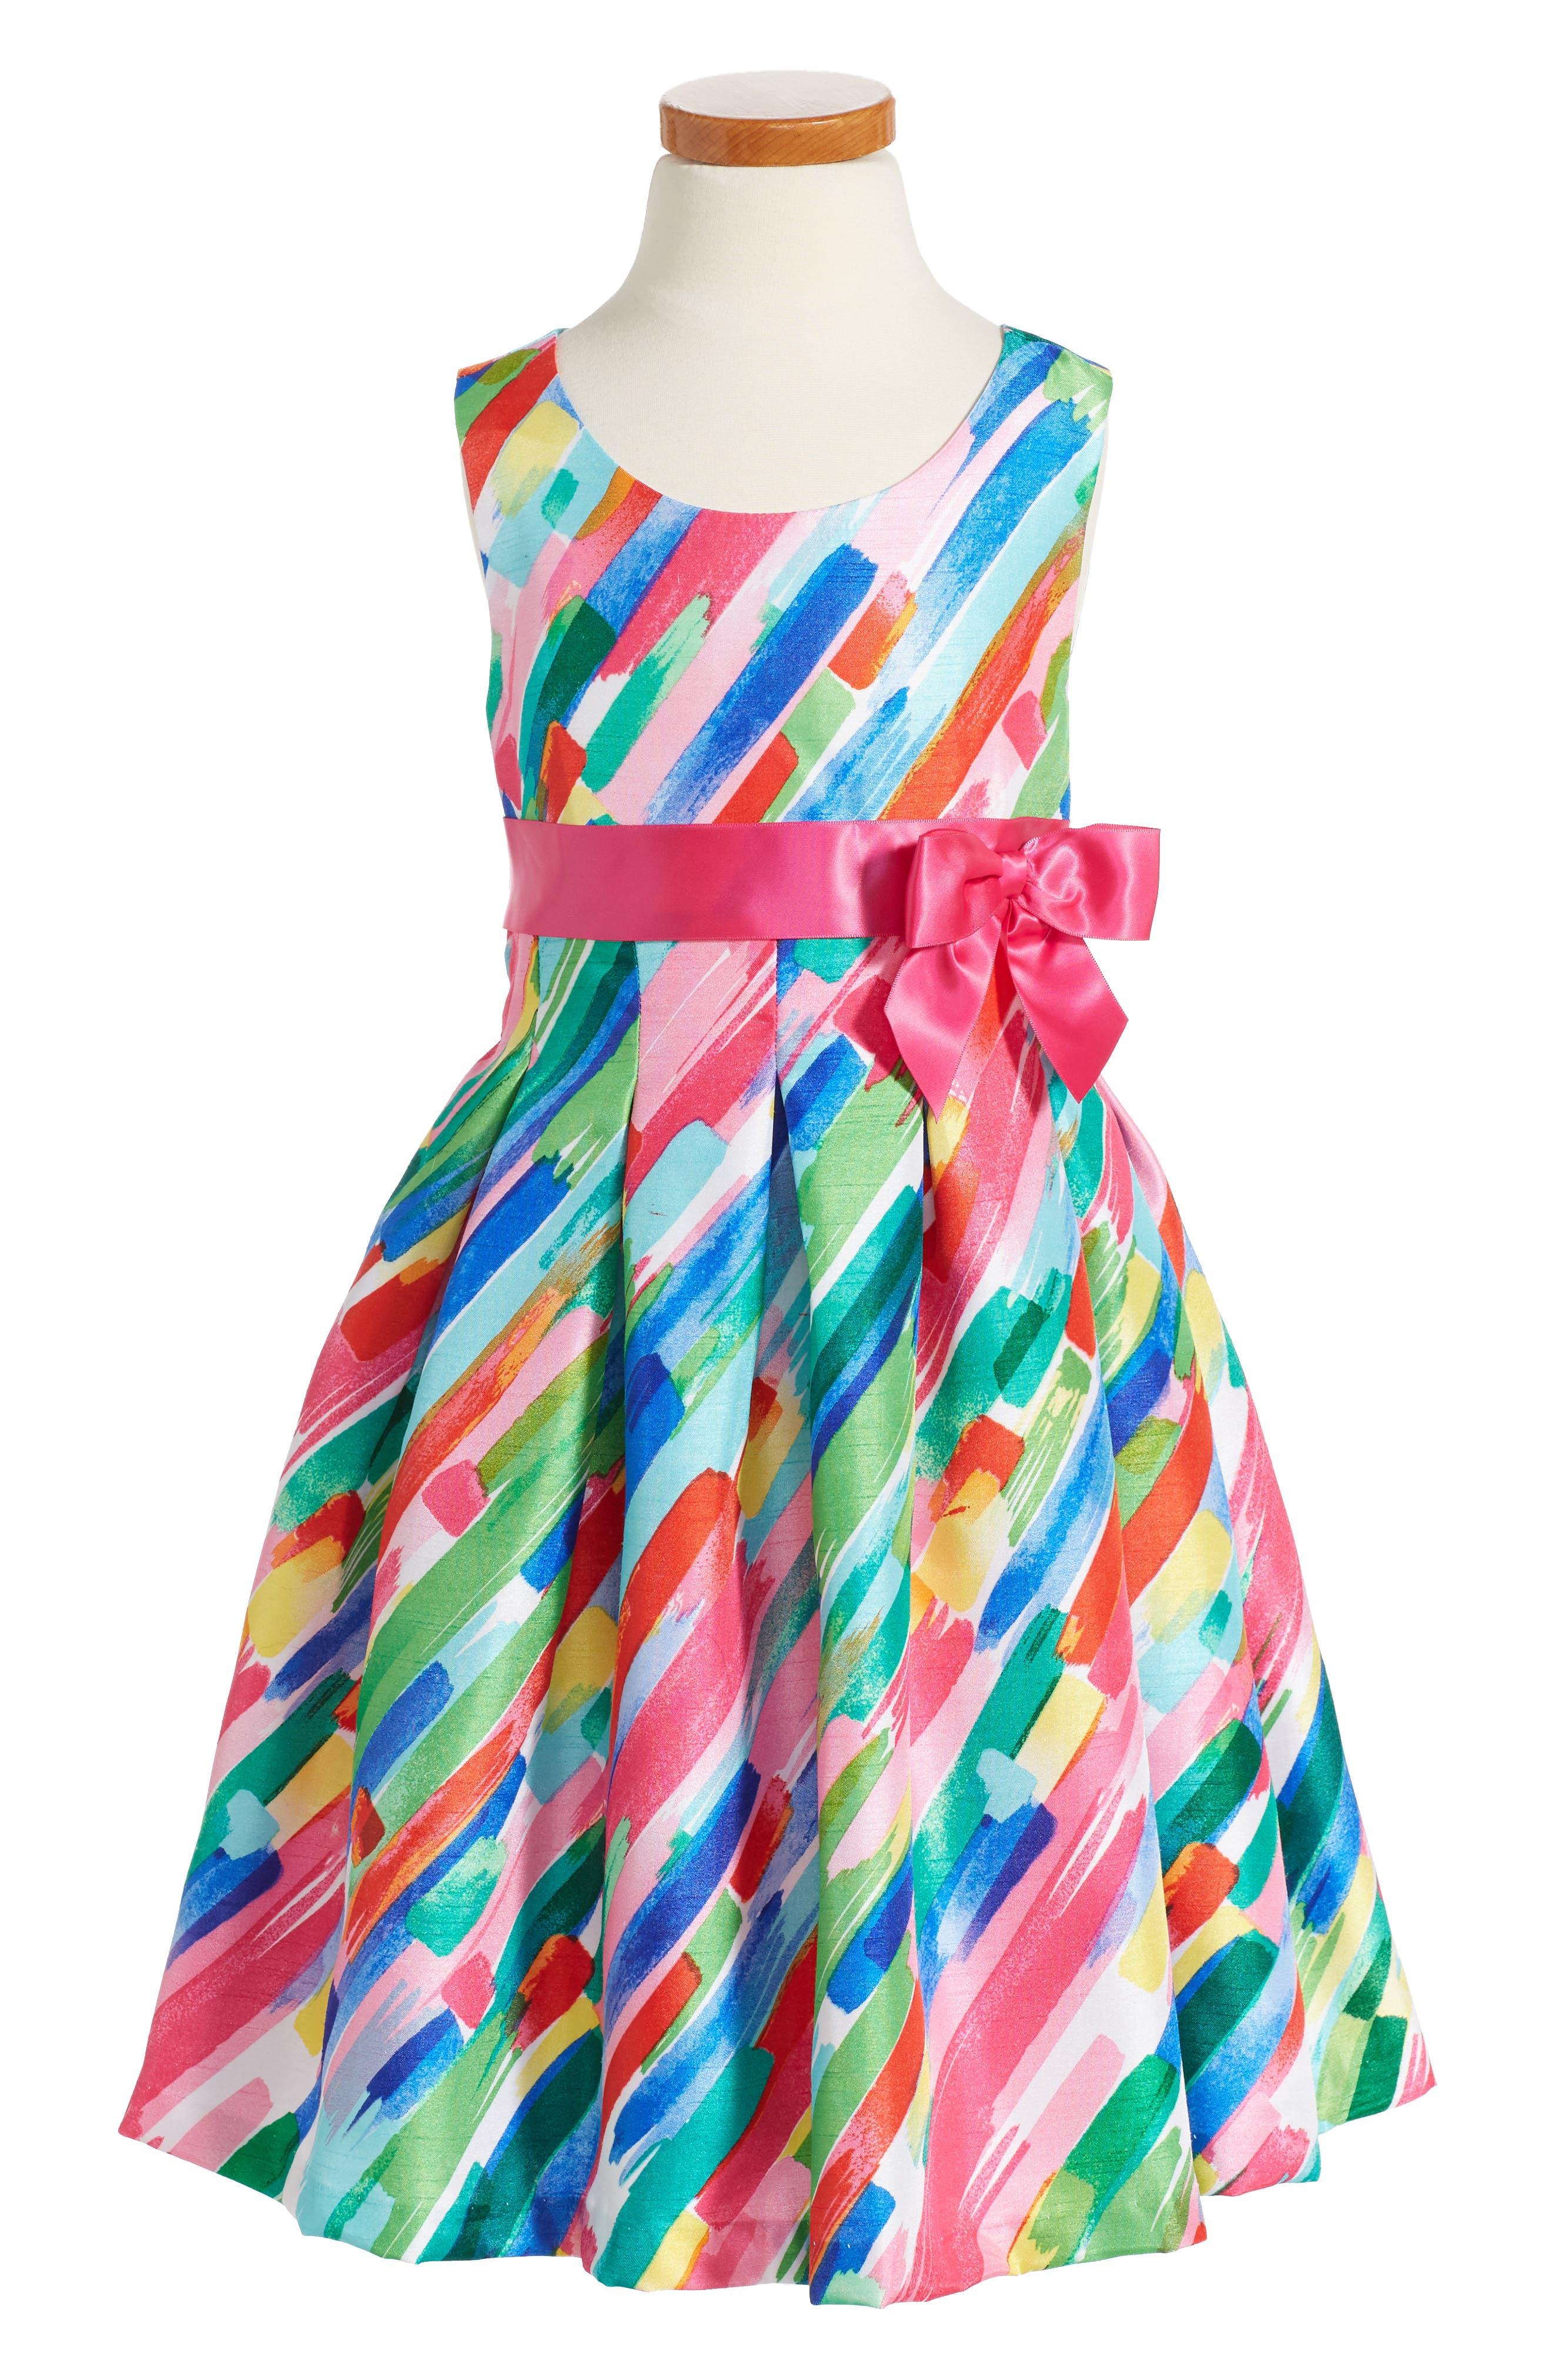 Paintstroke Print Shantung Party Dress,                         Main,                         color, 670